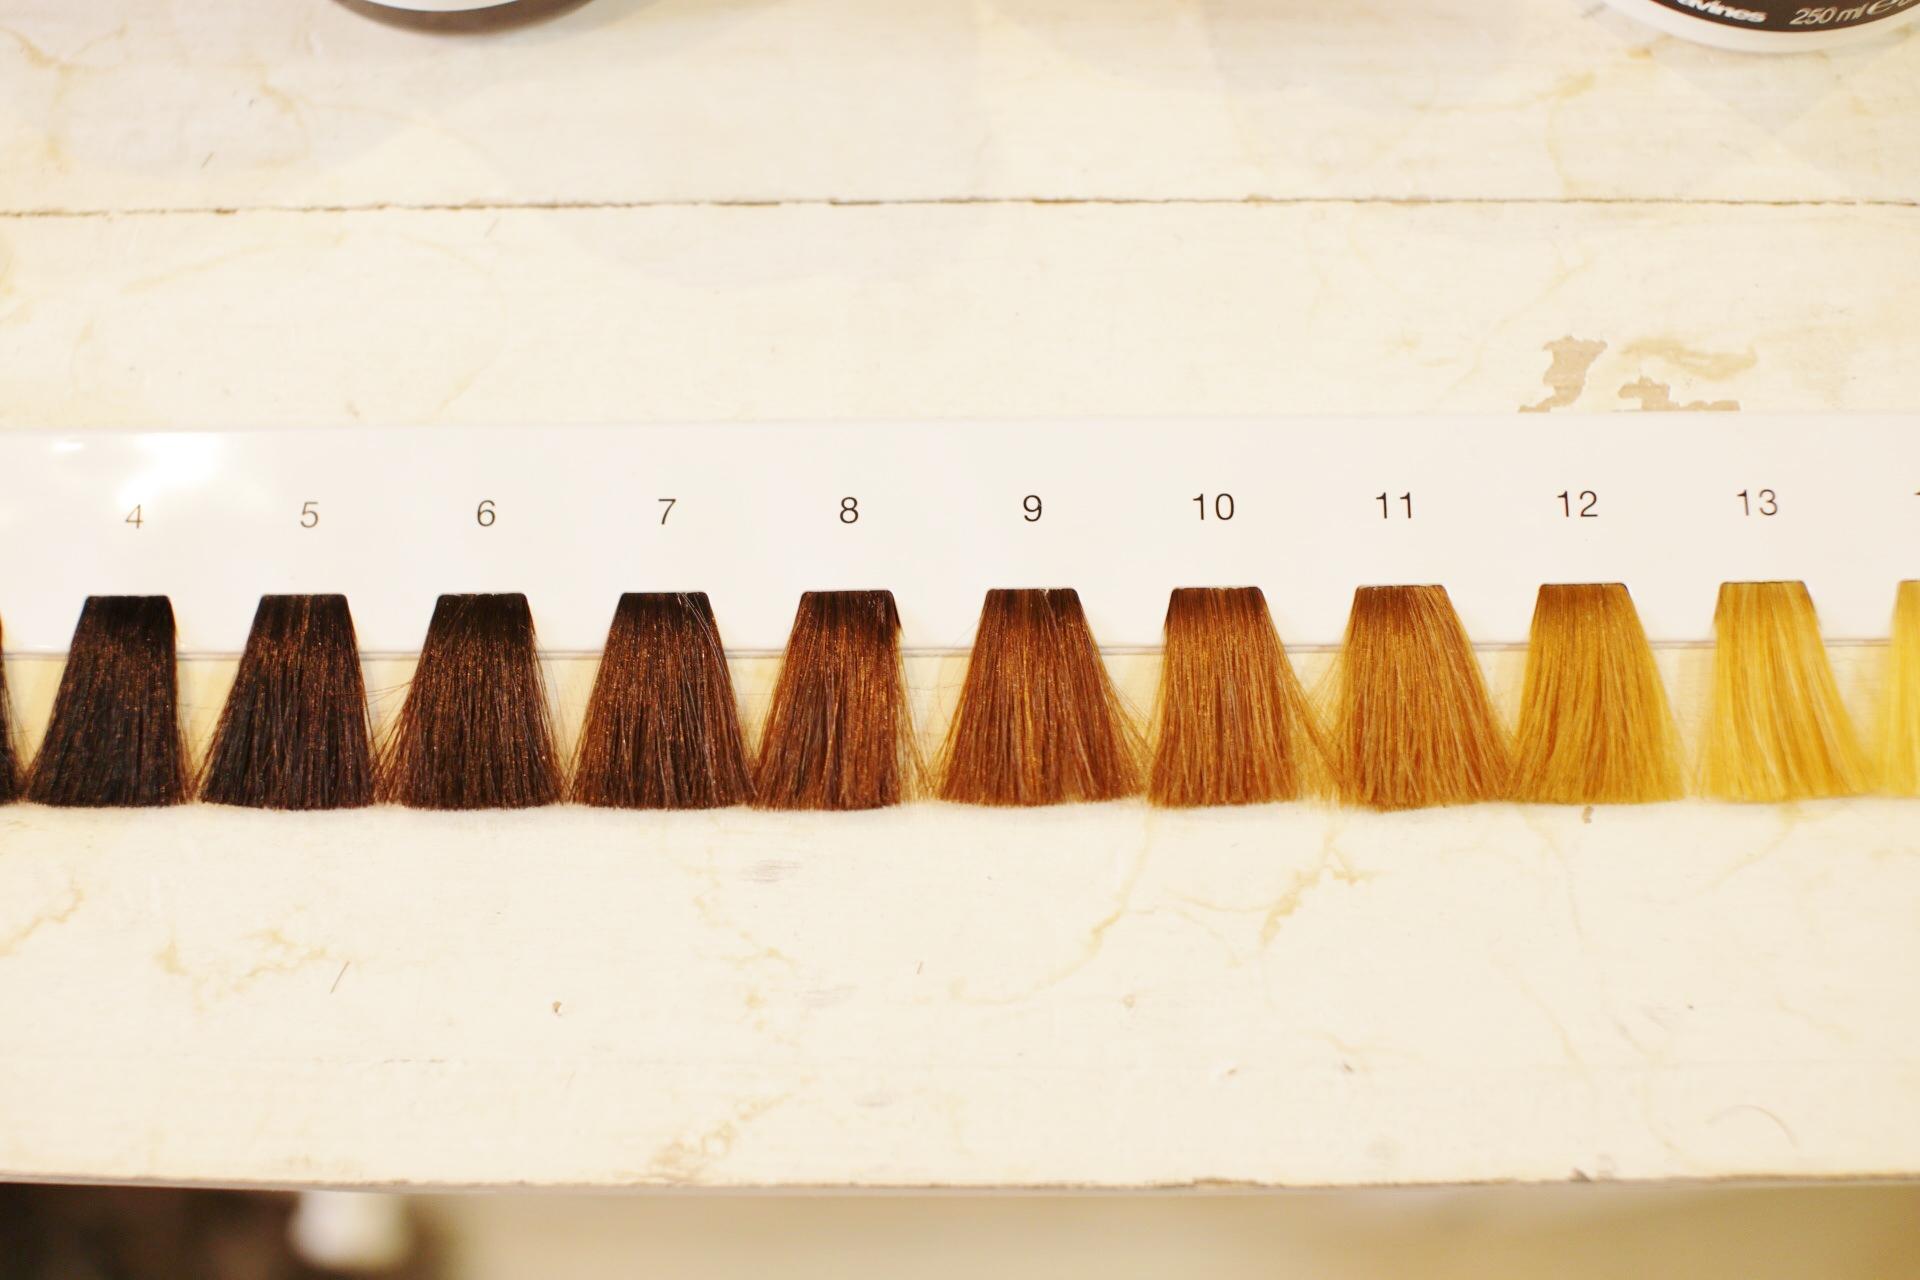 新宿のヘアカラーが得意な美容室美容院セイヴィアンの暗髪と黒髪の違い